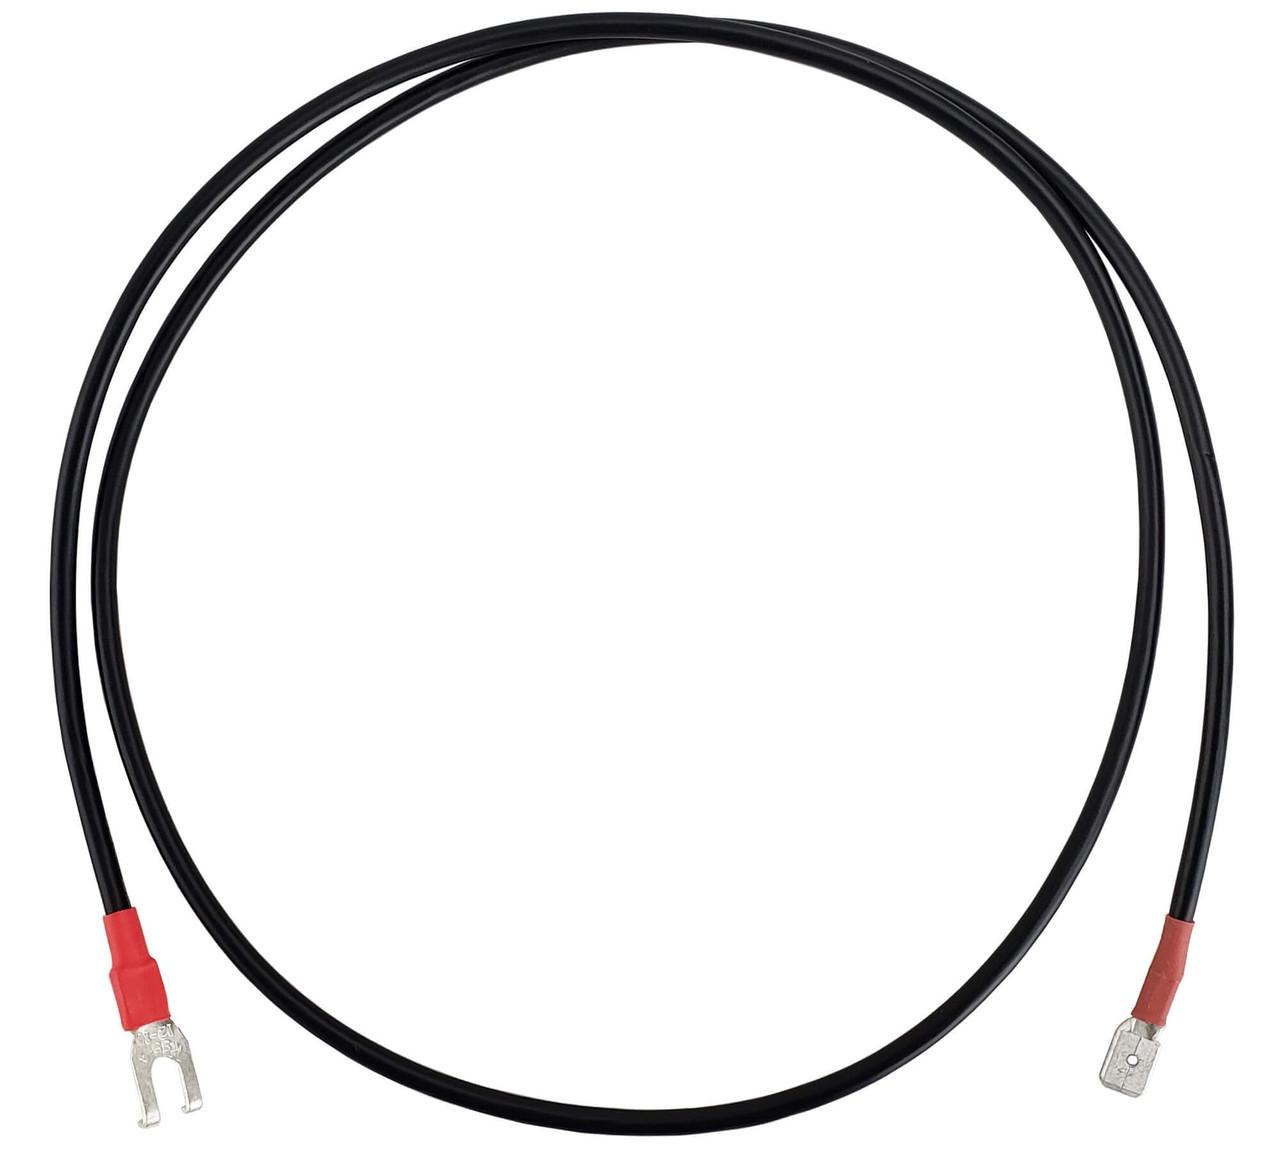 Rasmussen GV60-RCA VEI Interrupter Receiver Cable